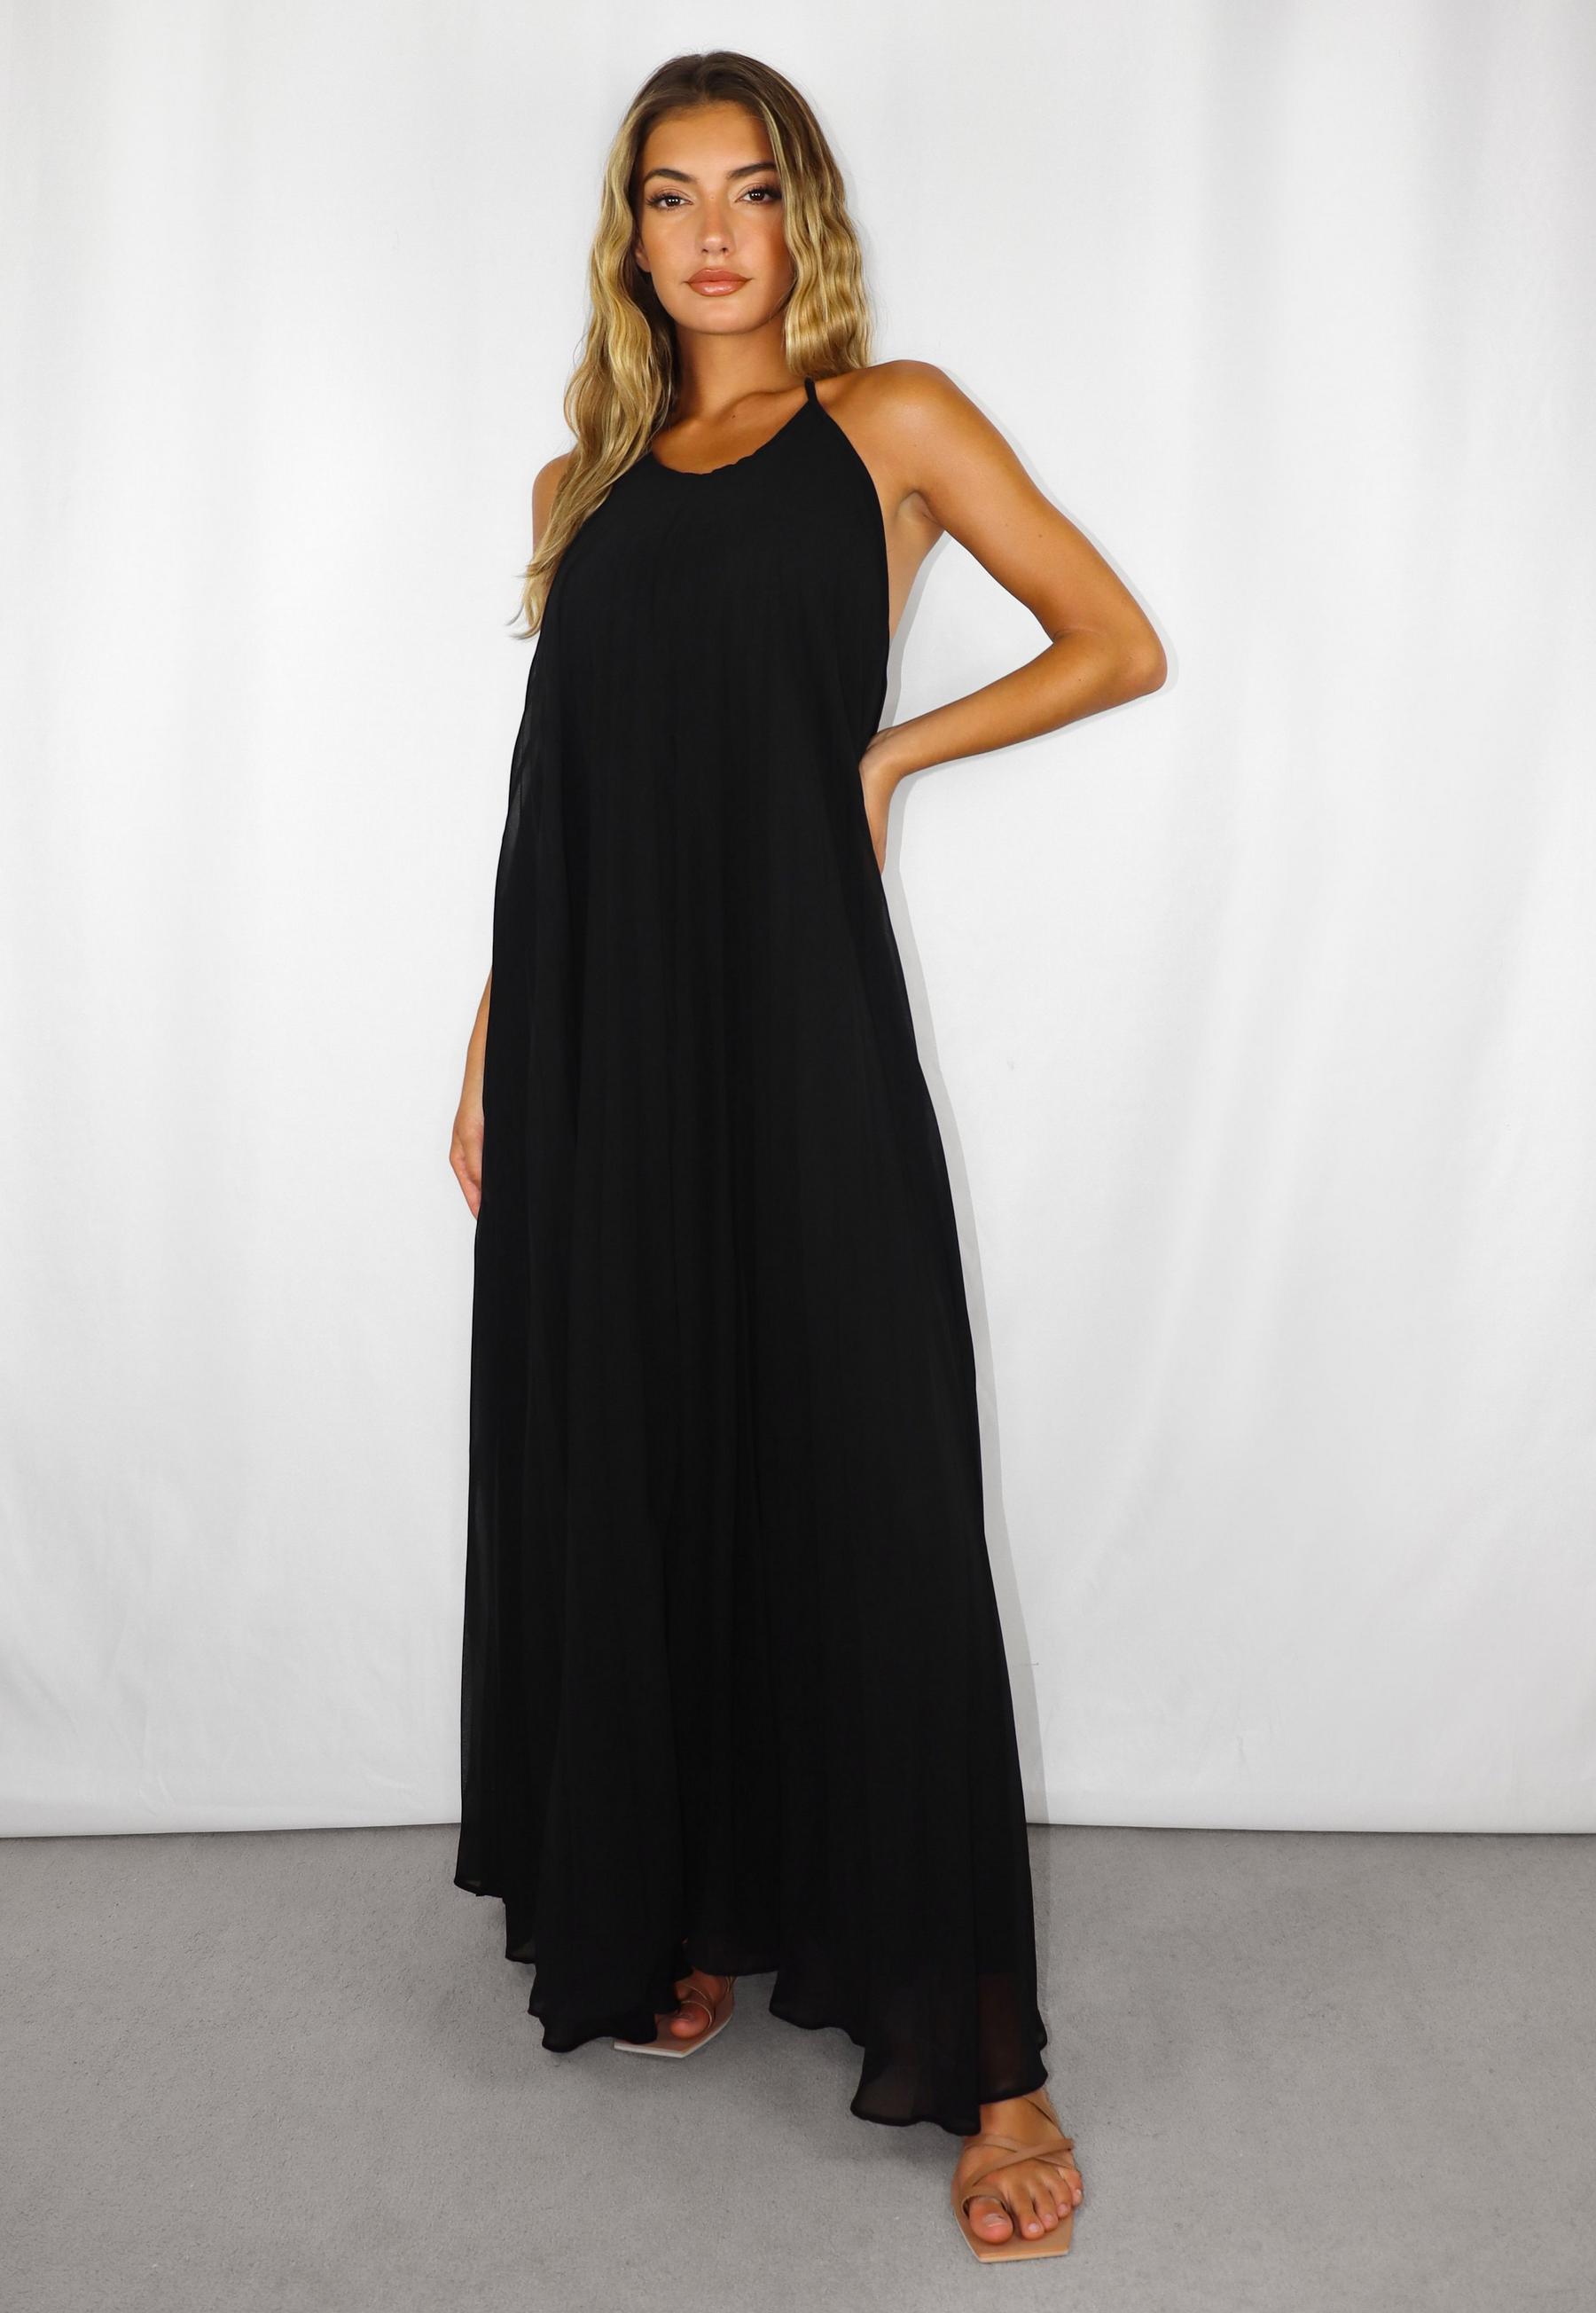 Plissiertes langes Neckholder-Kleid in Schwarz   Missguided